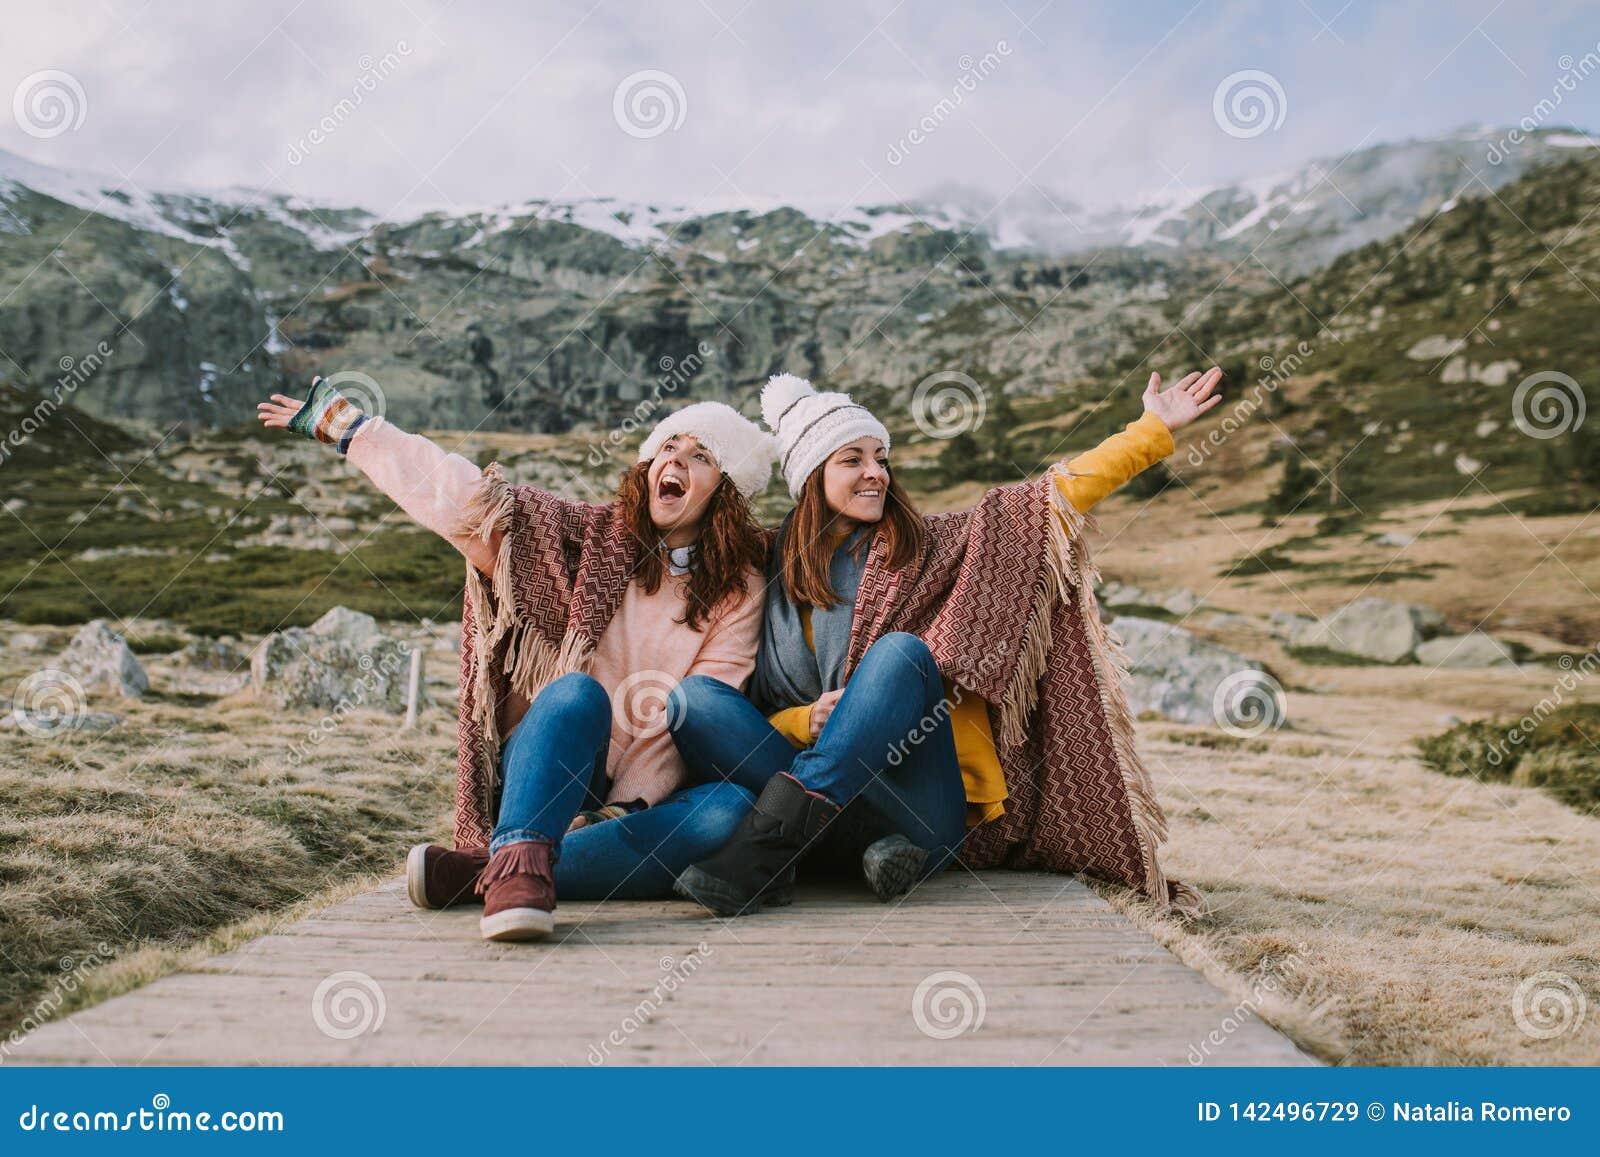 Zwei junge Frauen, die auf der Wiese genießt Natur sitzen